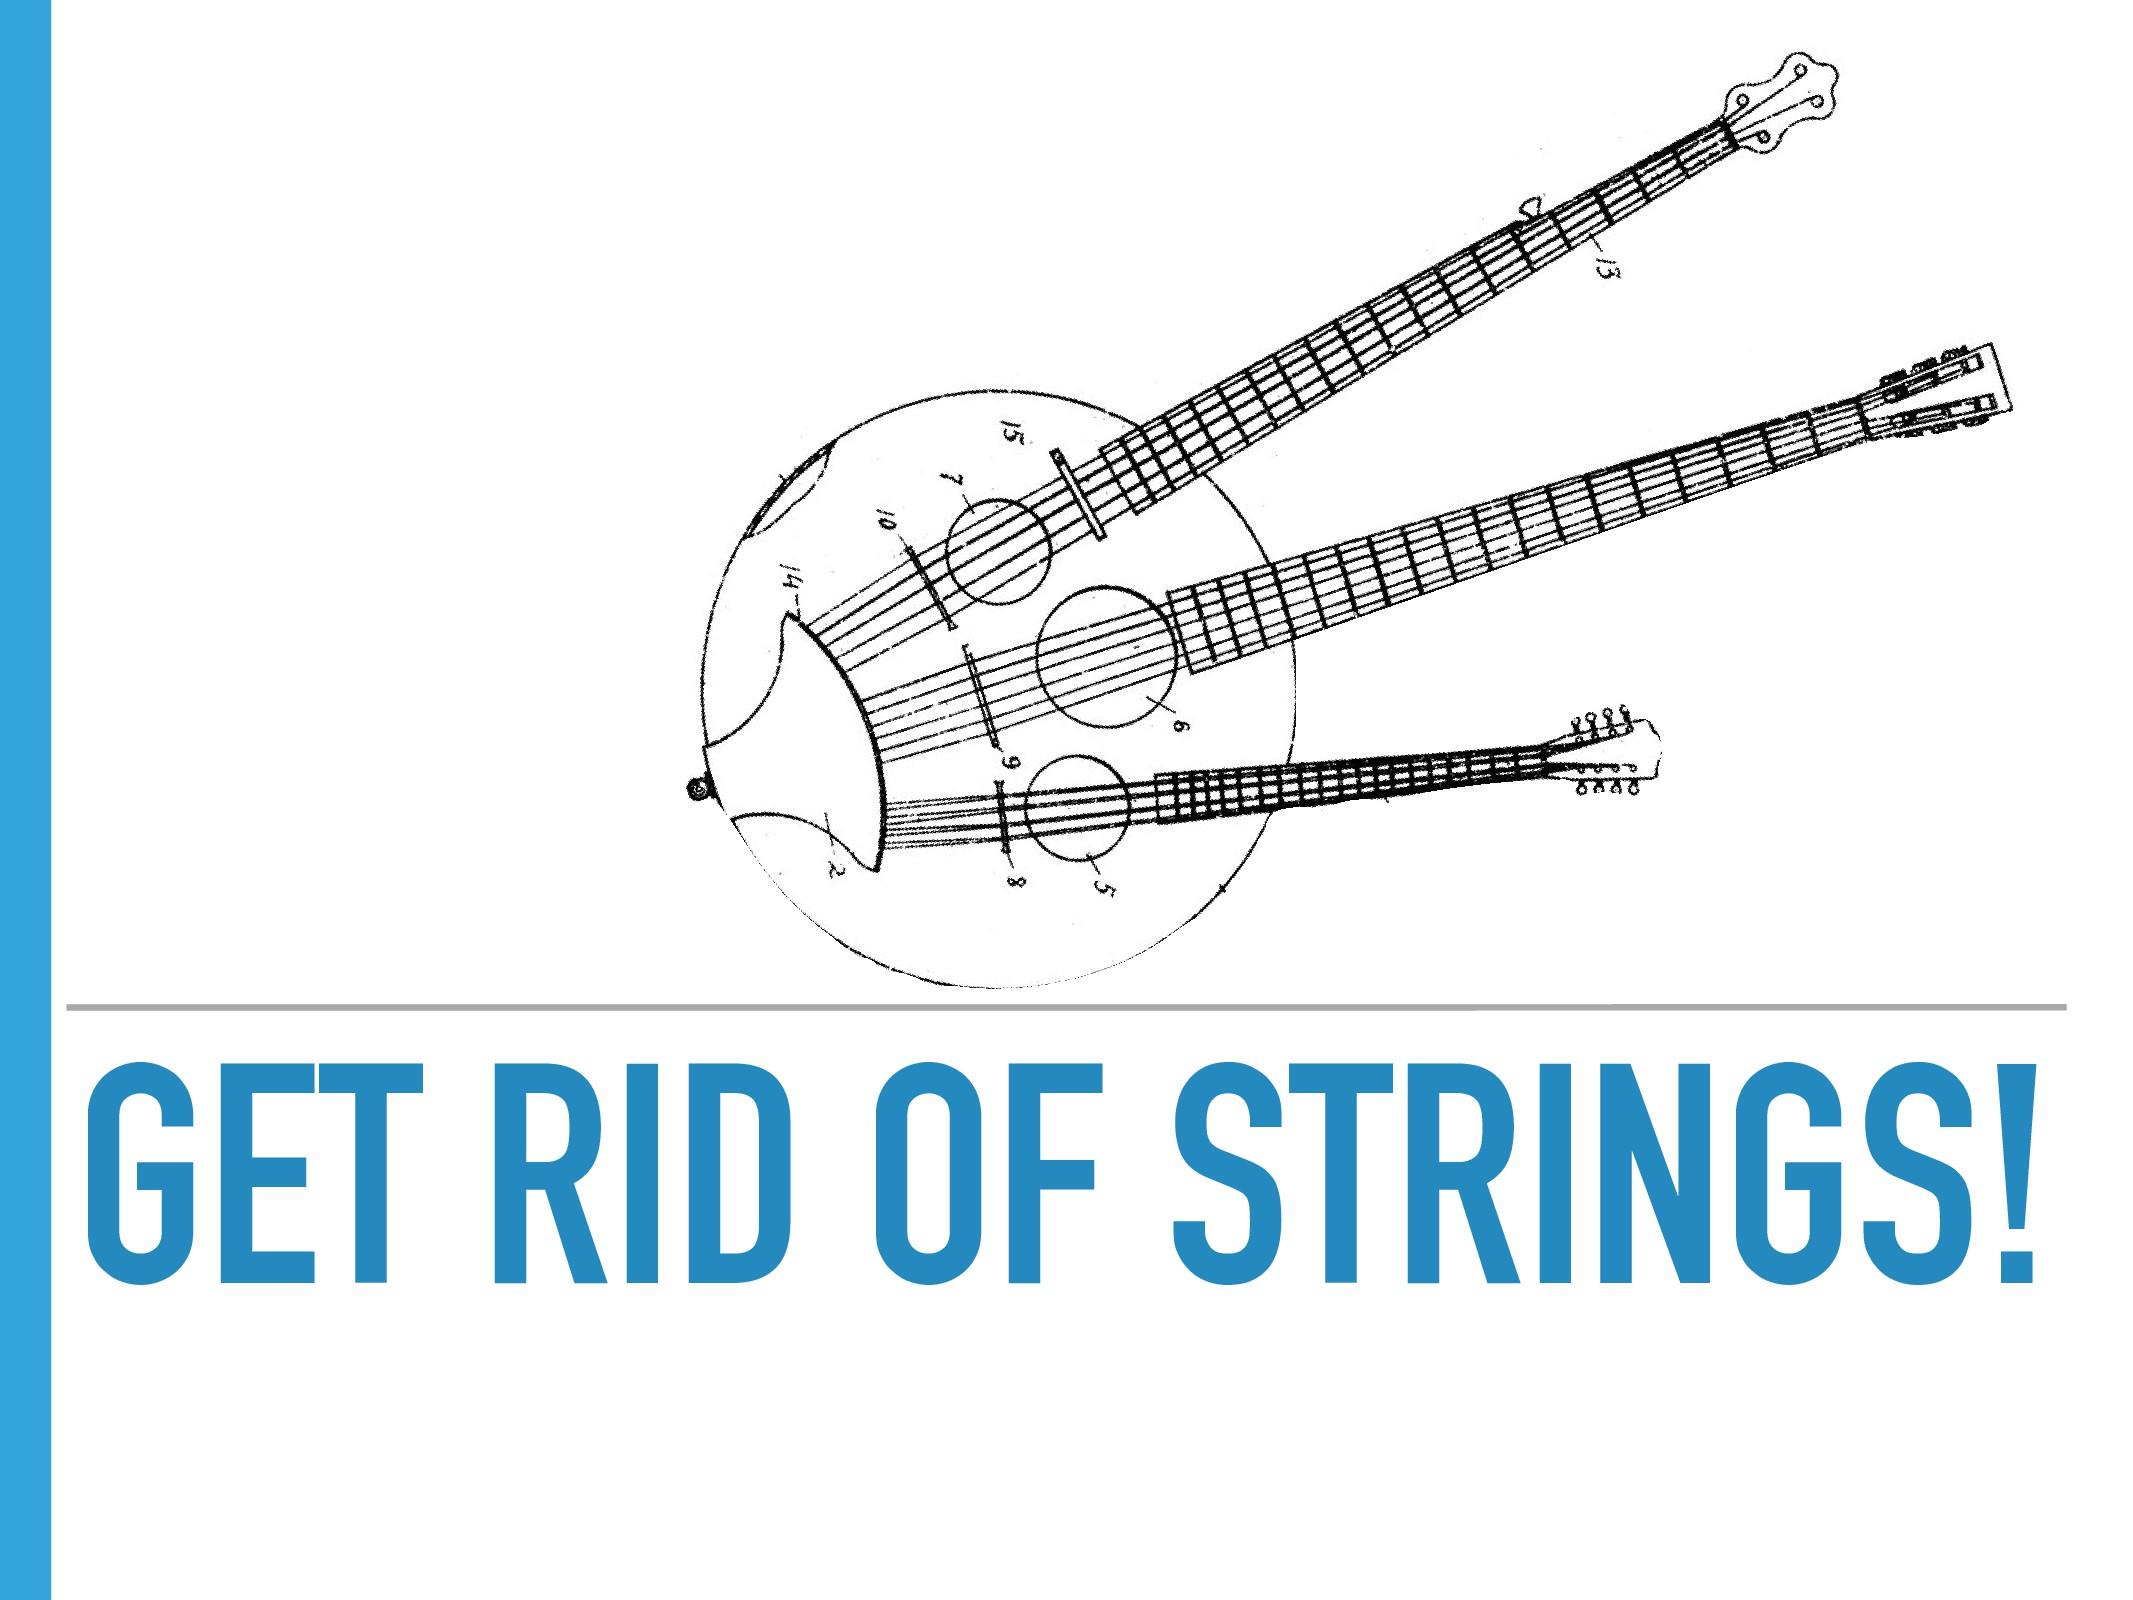 GET RID OF STRINGS!